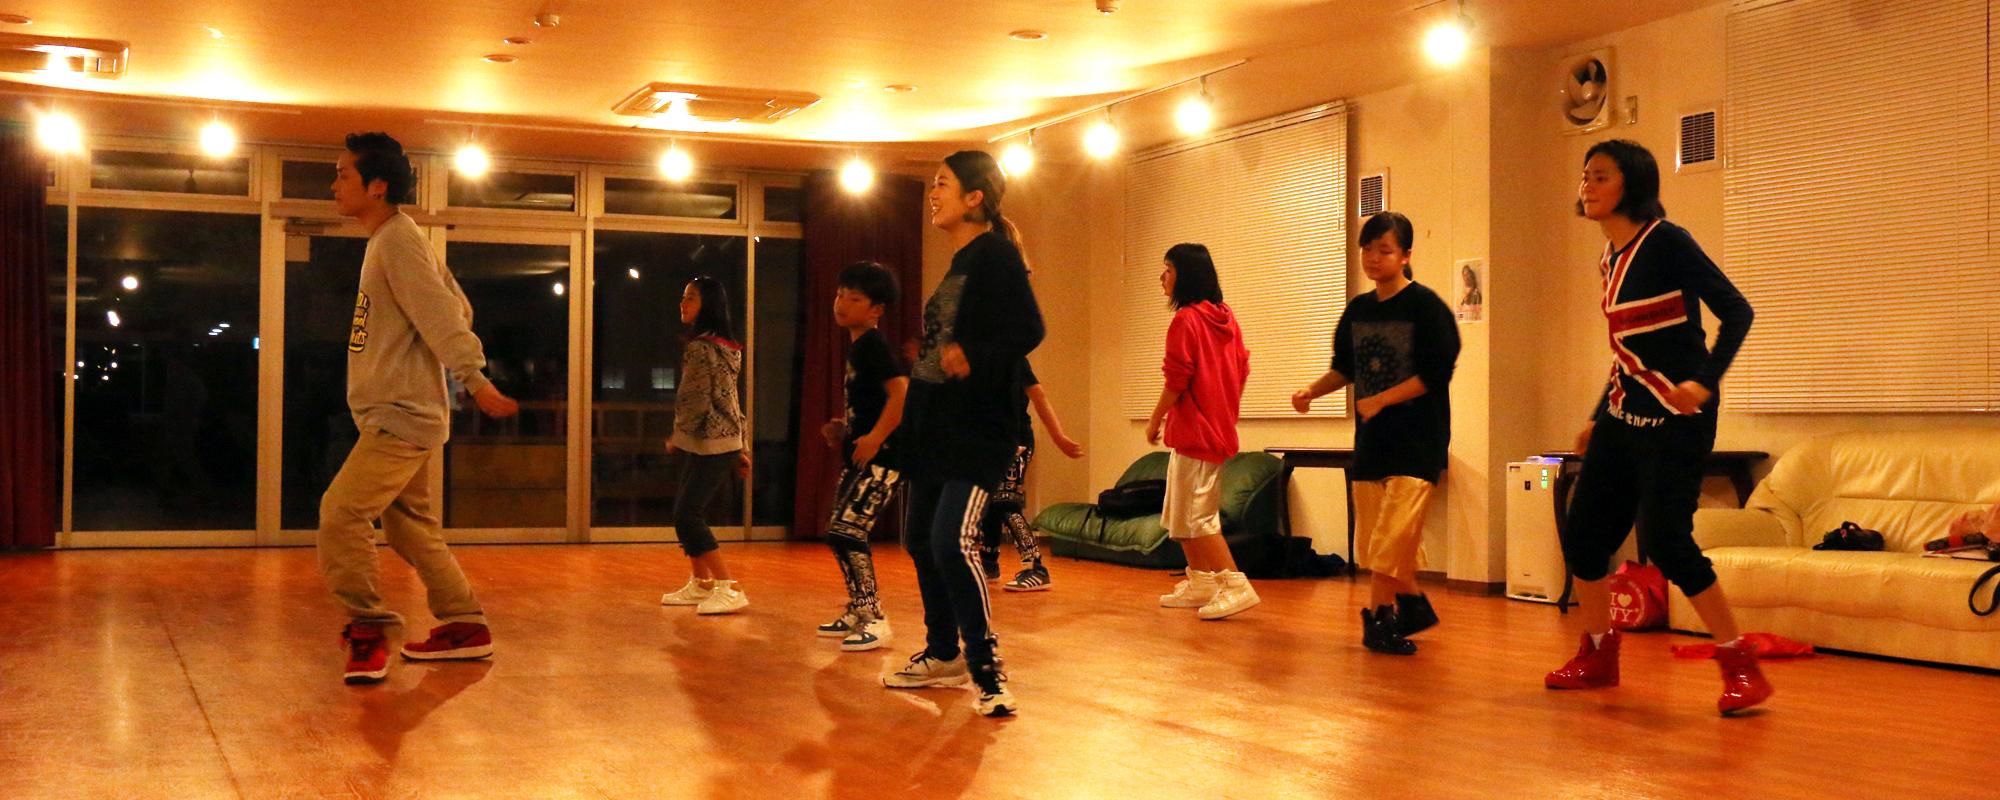 MONKATSU DANCE SCHOOL モンカツダンススクール   福山市のダンススクールクラス